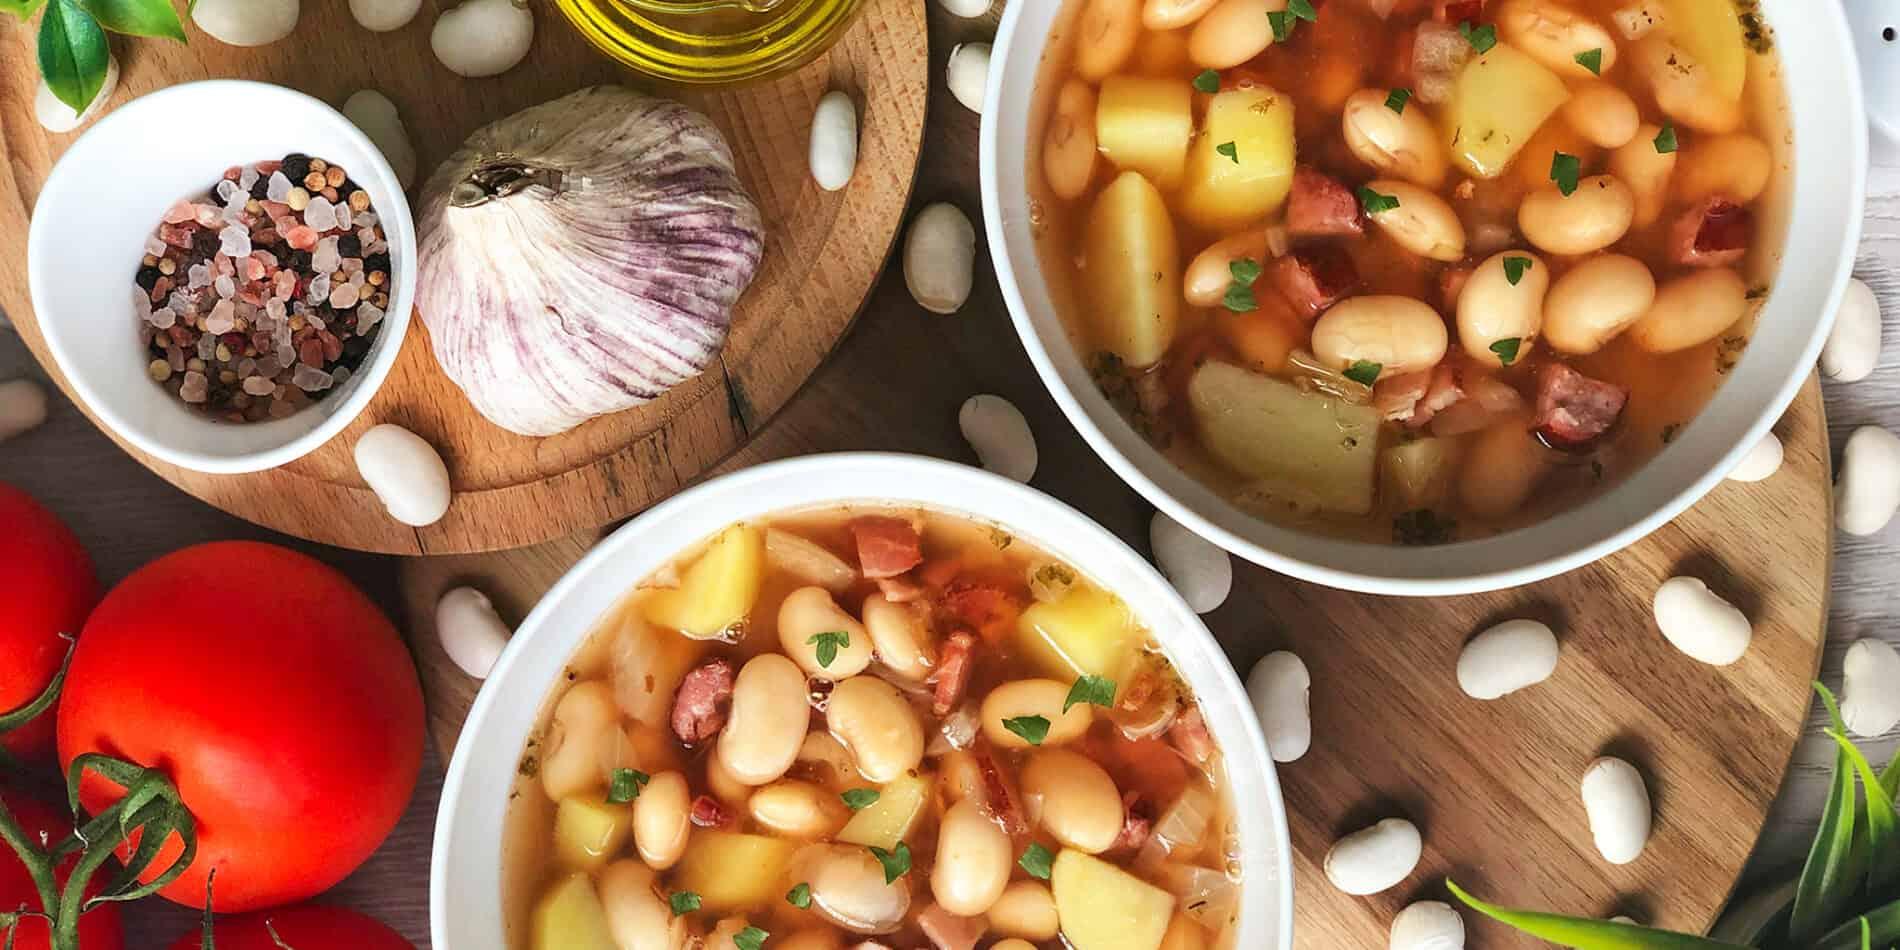 Zupa fasolowa z boczkiem i kiełbasą - propozycja przygotowania